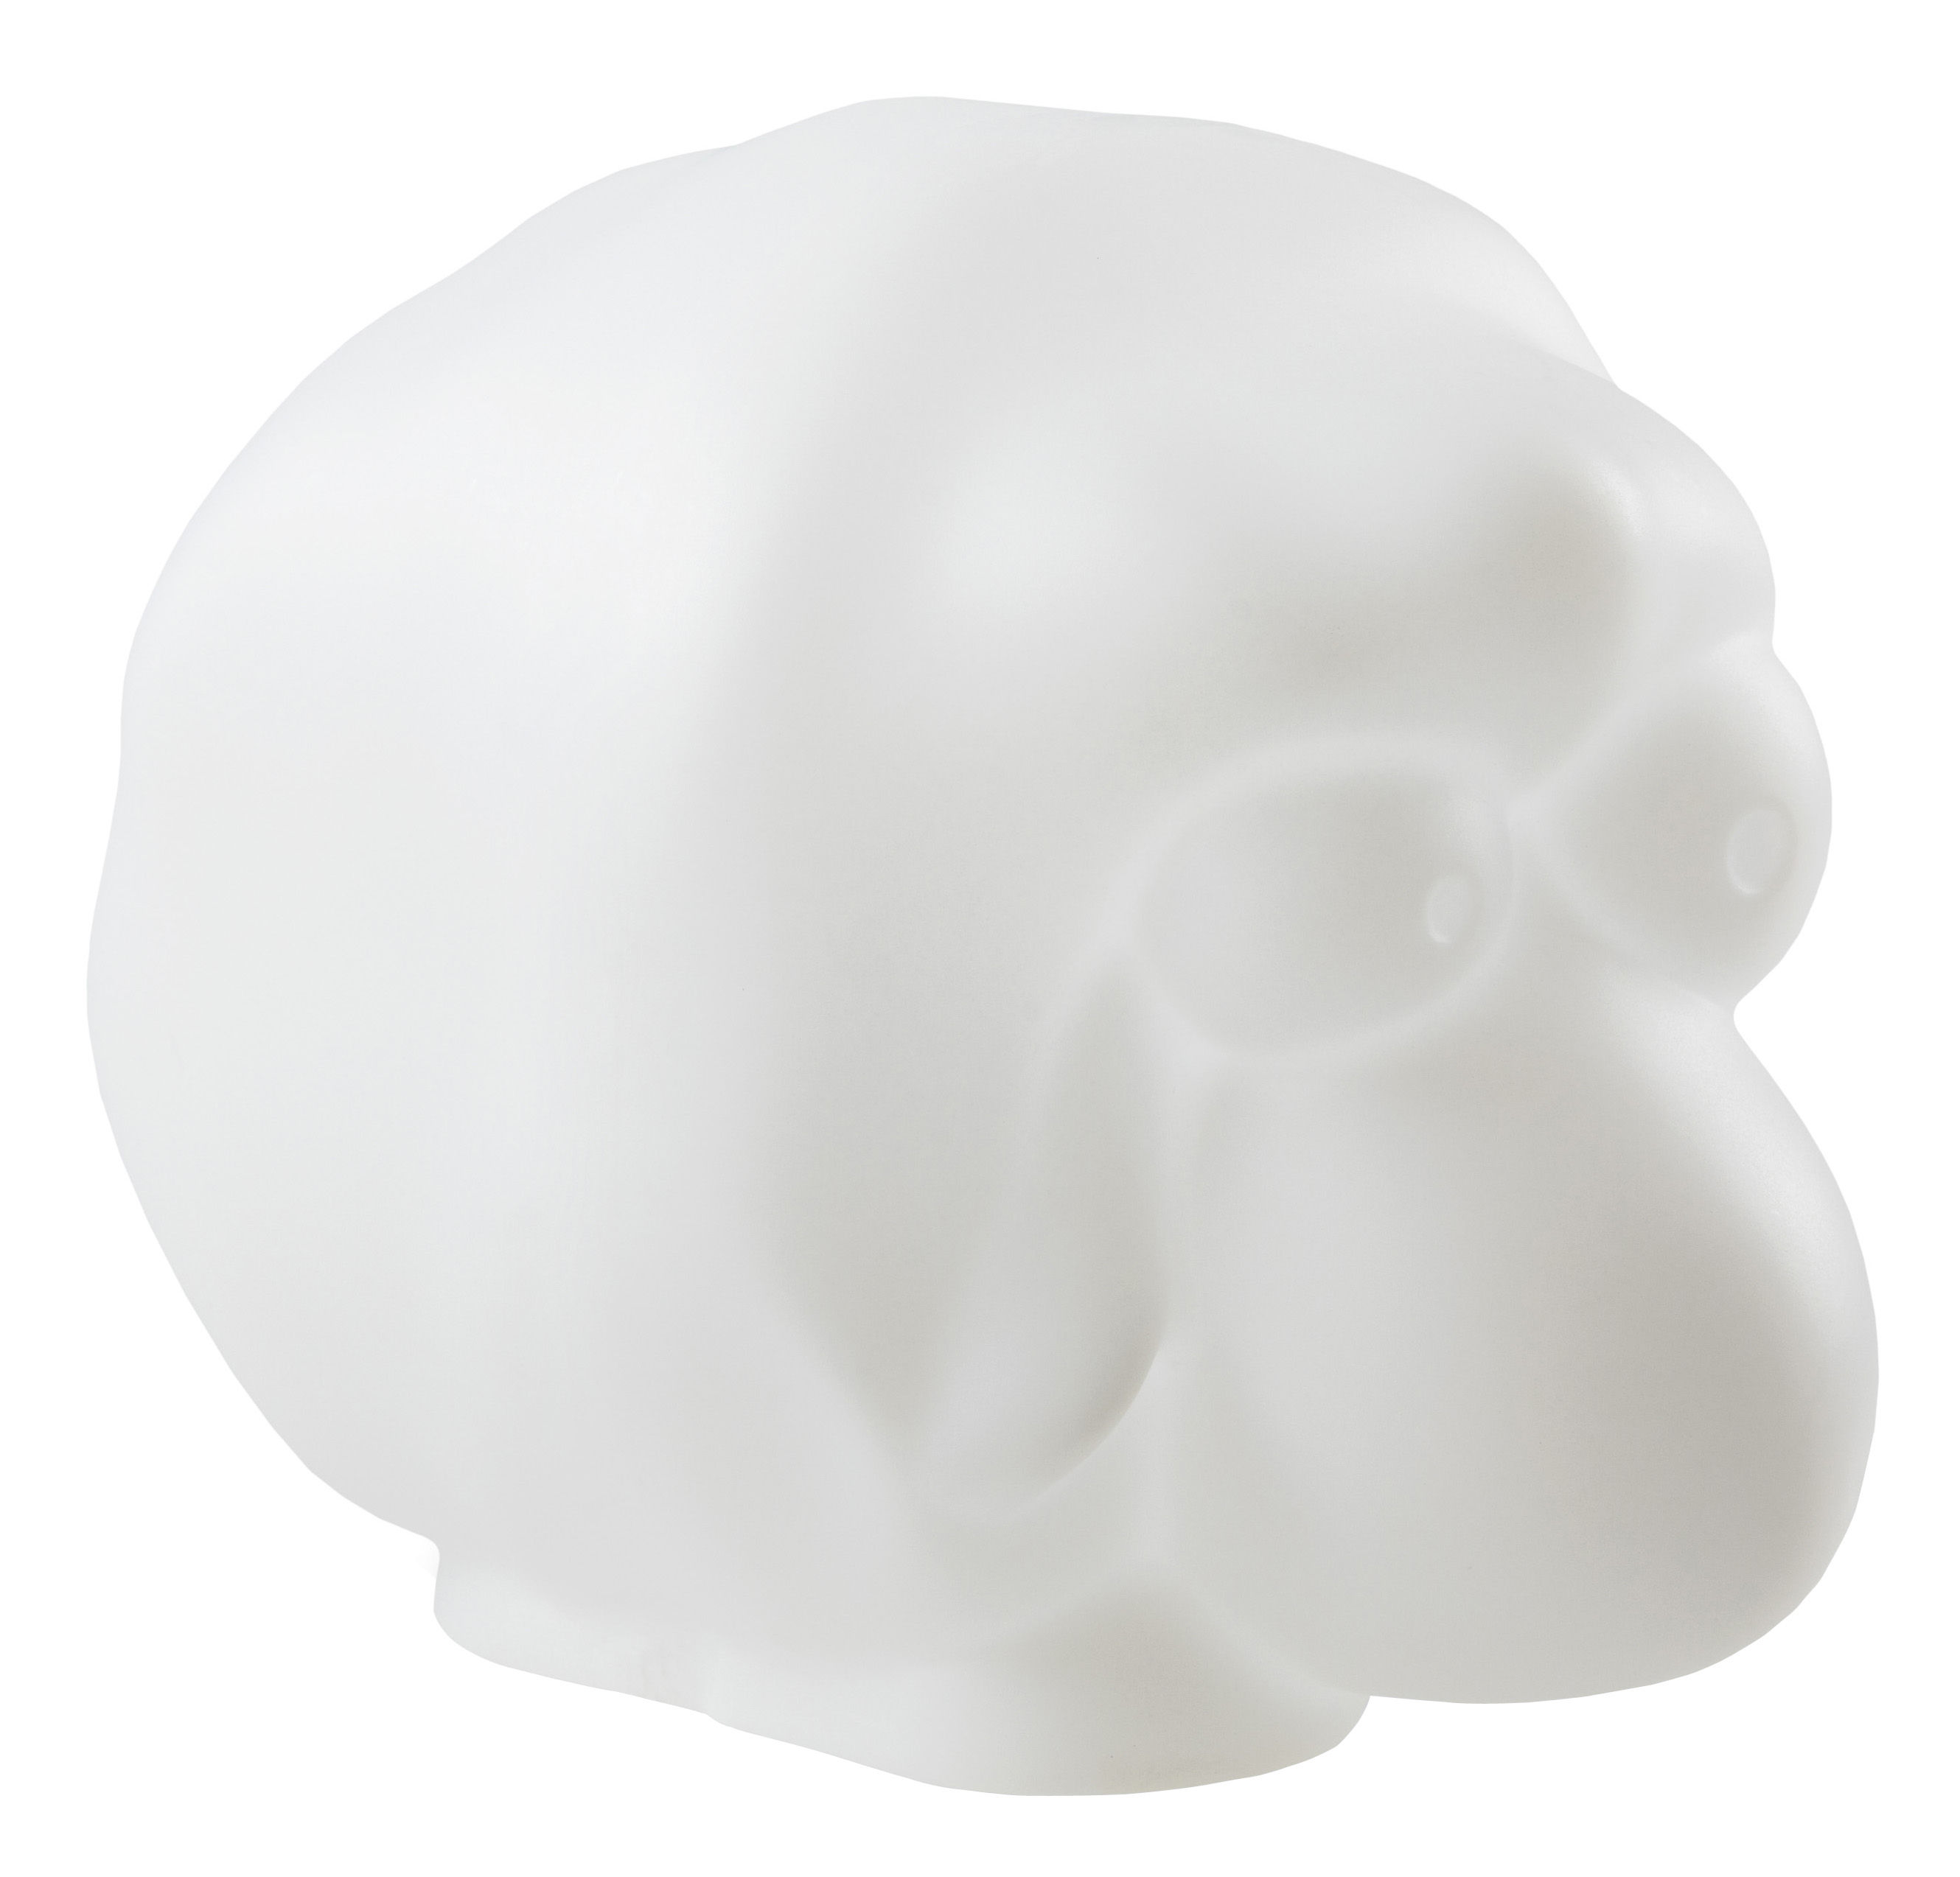 Dekoration - Für Kinder - Rina Wohnraumleuchte / leuchtendes Schaf - Slide - Weiß - recycelbares Polyethen